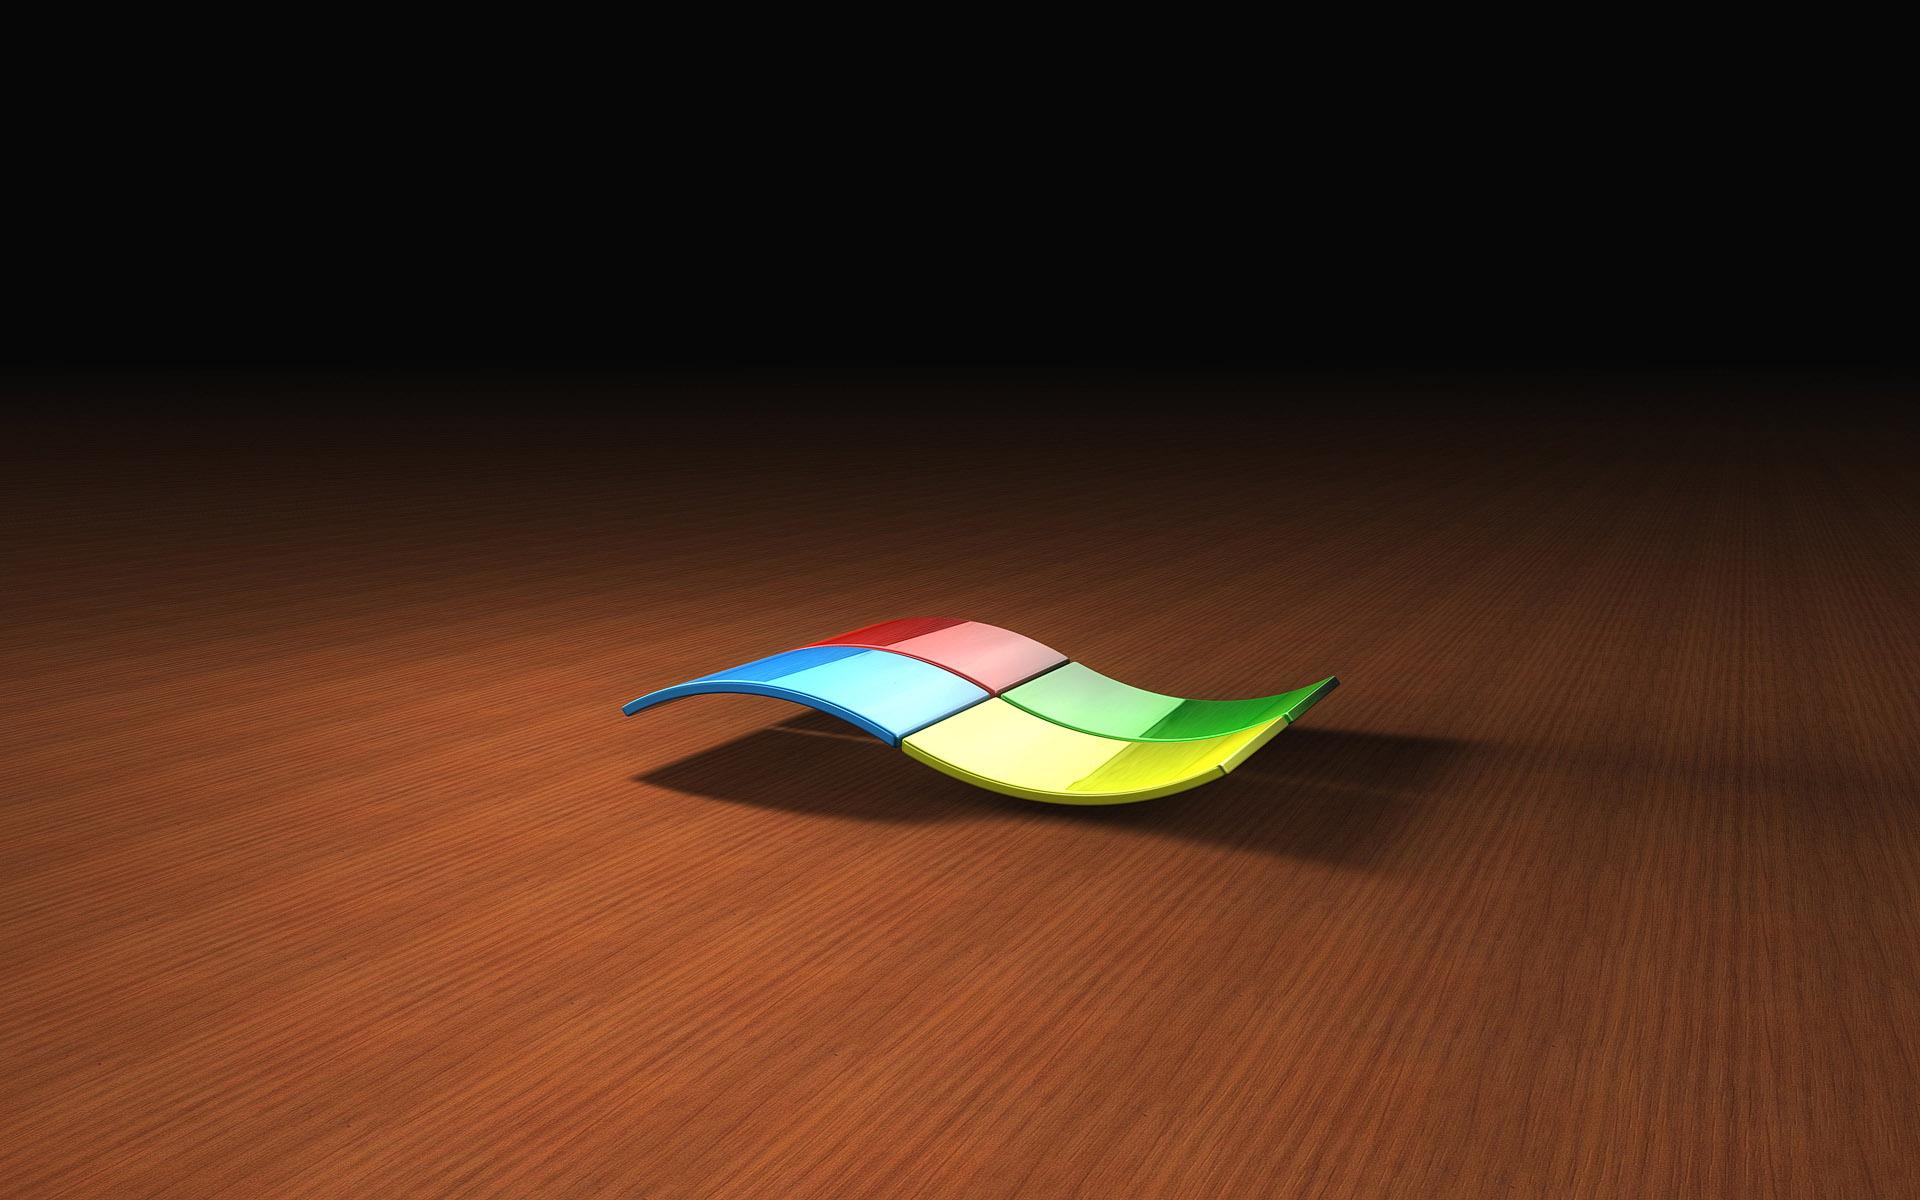 壁纸1920×1200windows7梦幻桌面下载壁纸 windows7梦幻桌面下载壁纸图片精选壁纸精选图片素材桌面壁纸